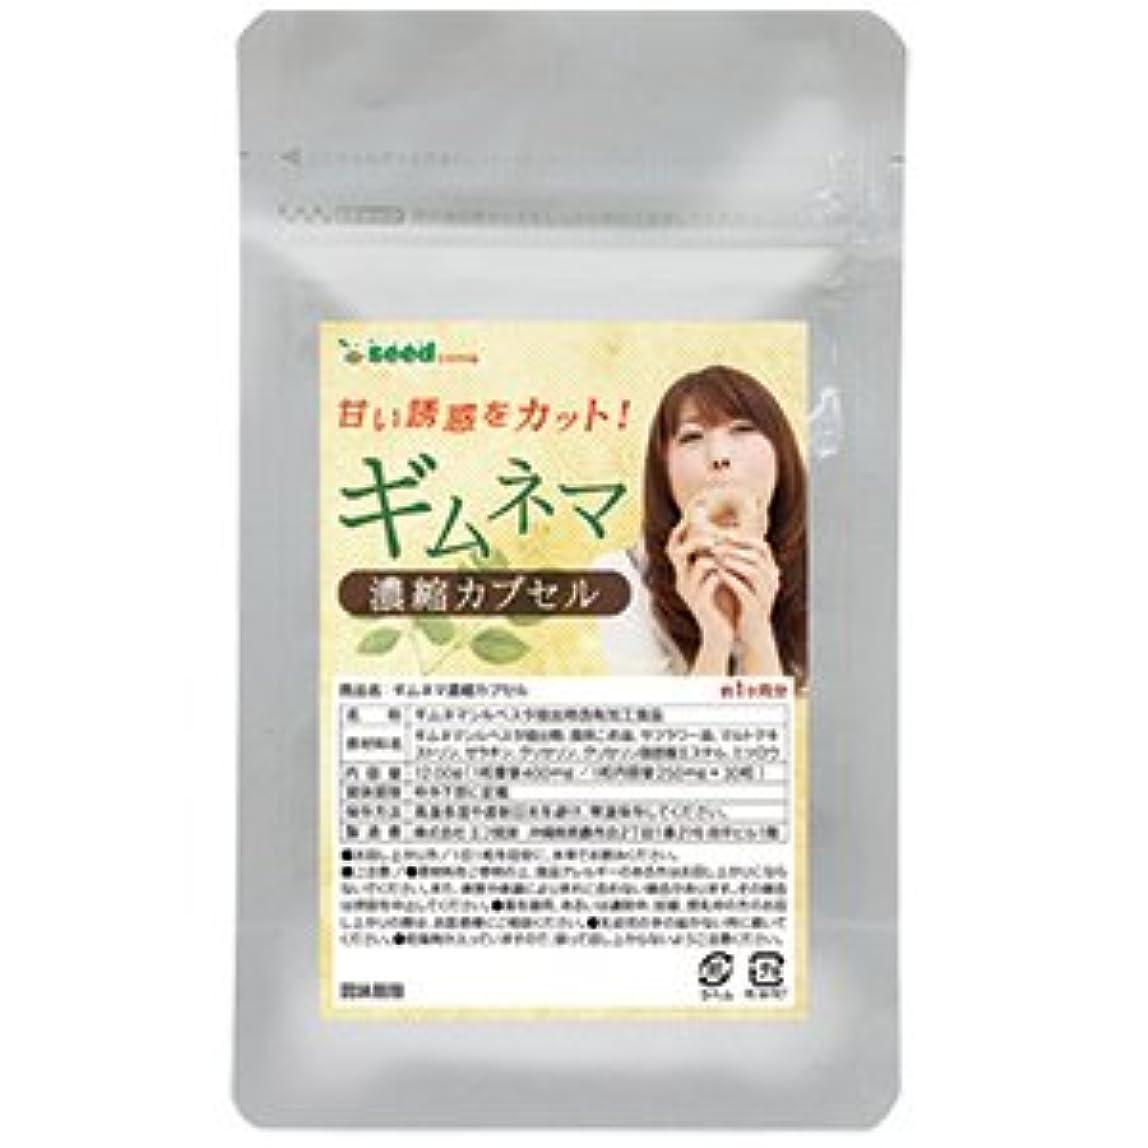 水っぽい乙女部シードコムス seedcoms ギムネマ 濃縮カプセル ダイエットの天敵 糖分 が気になる方へ! 約1ヶ月分 30粒